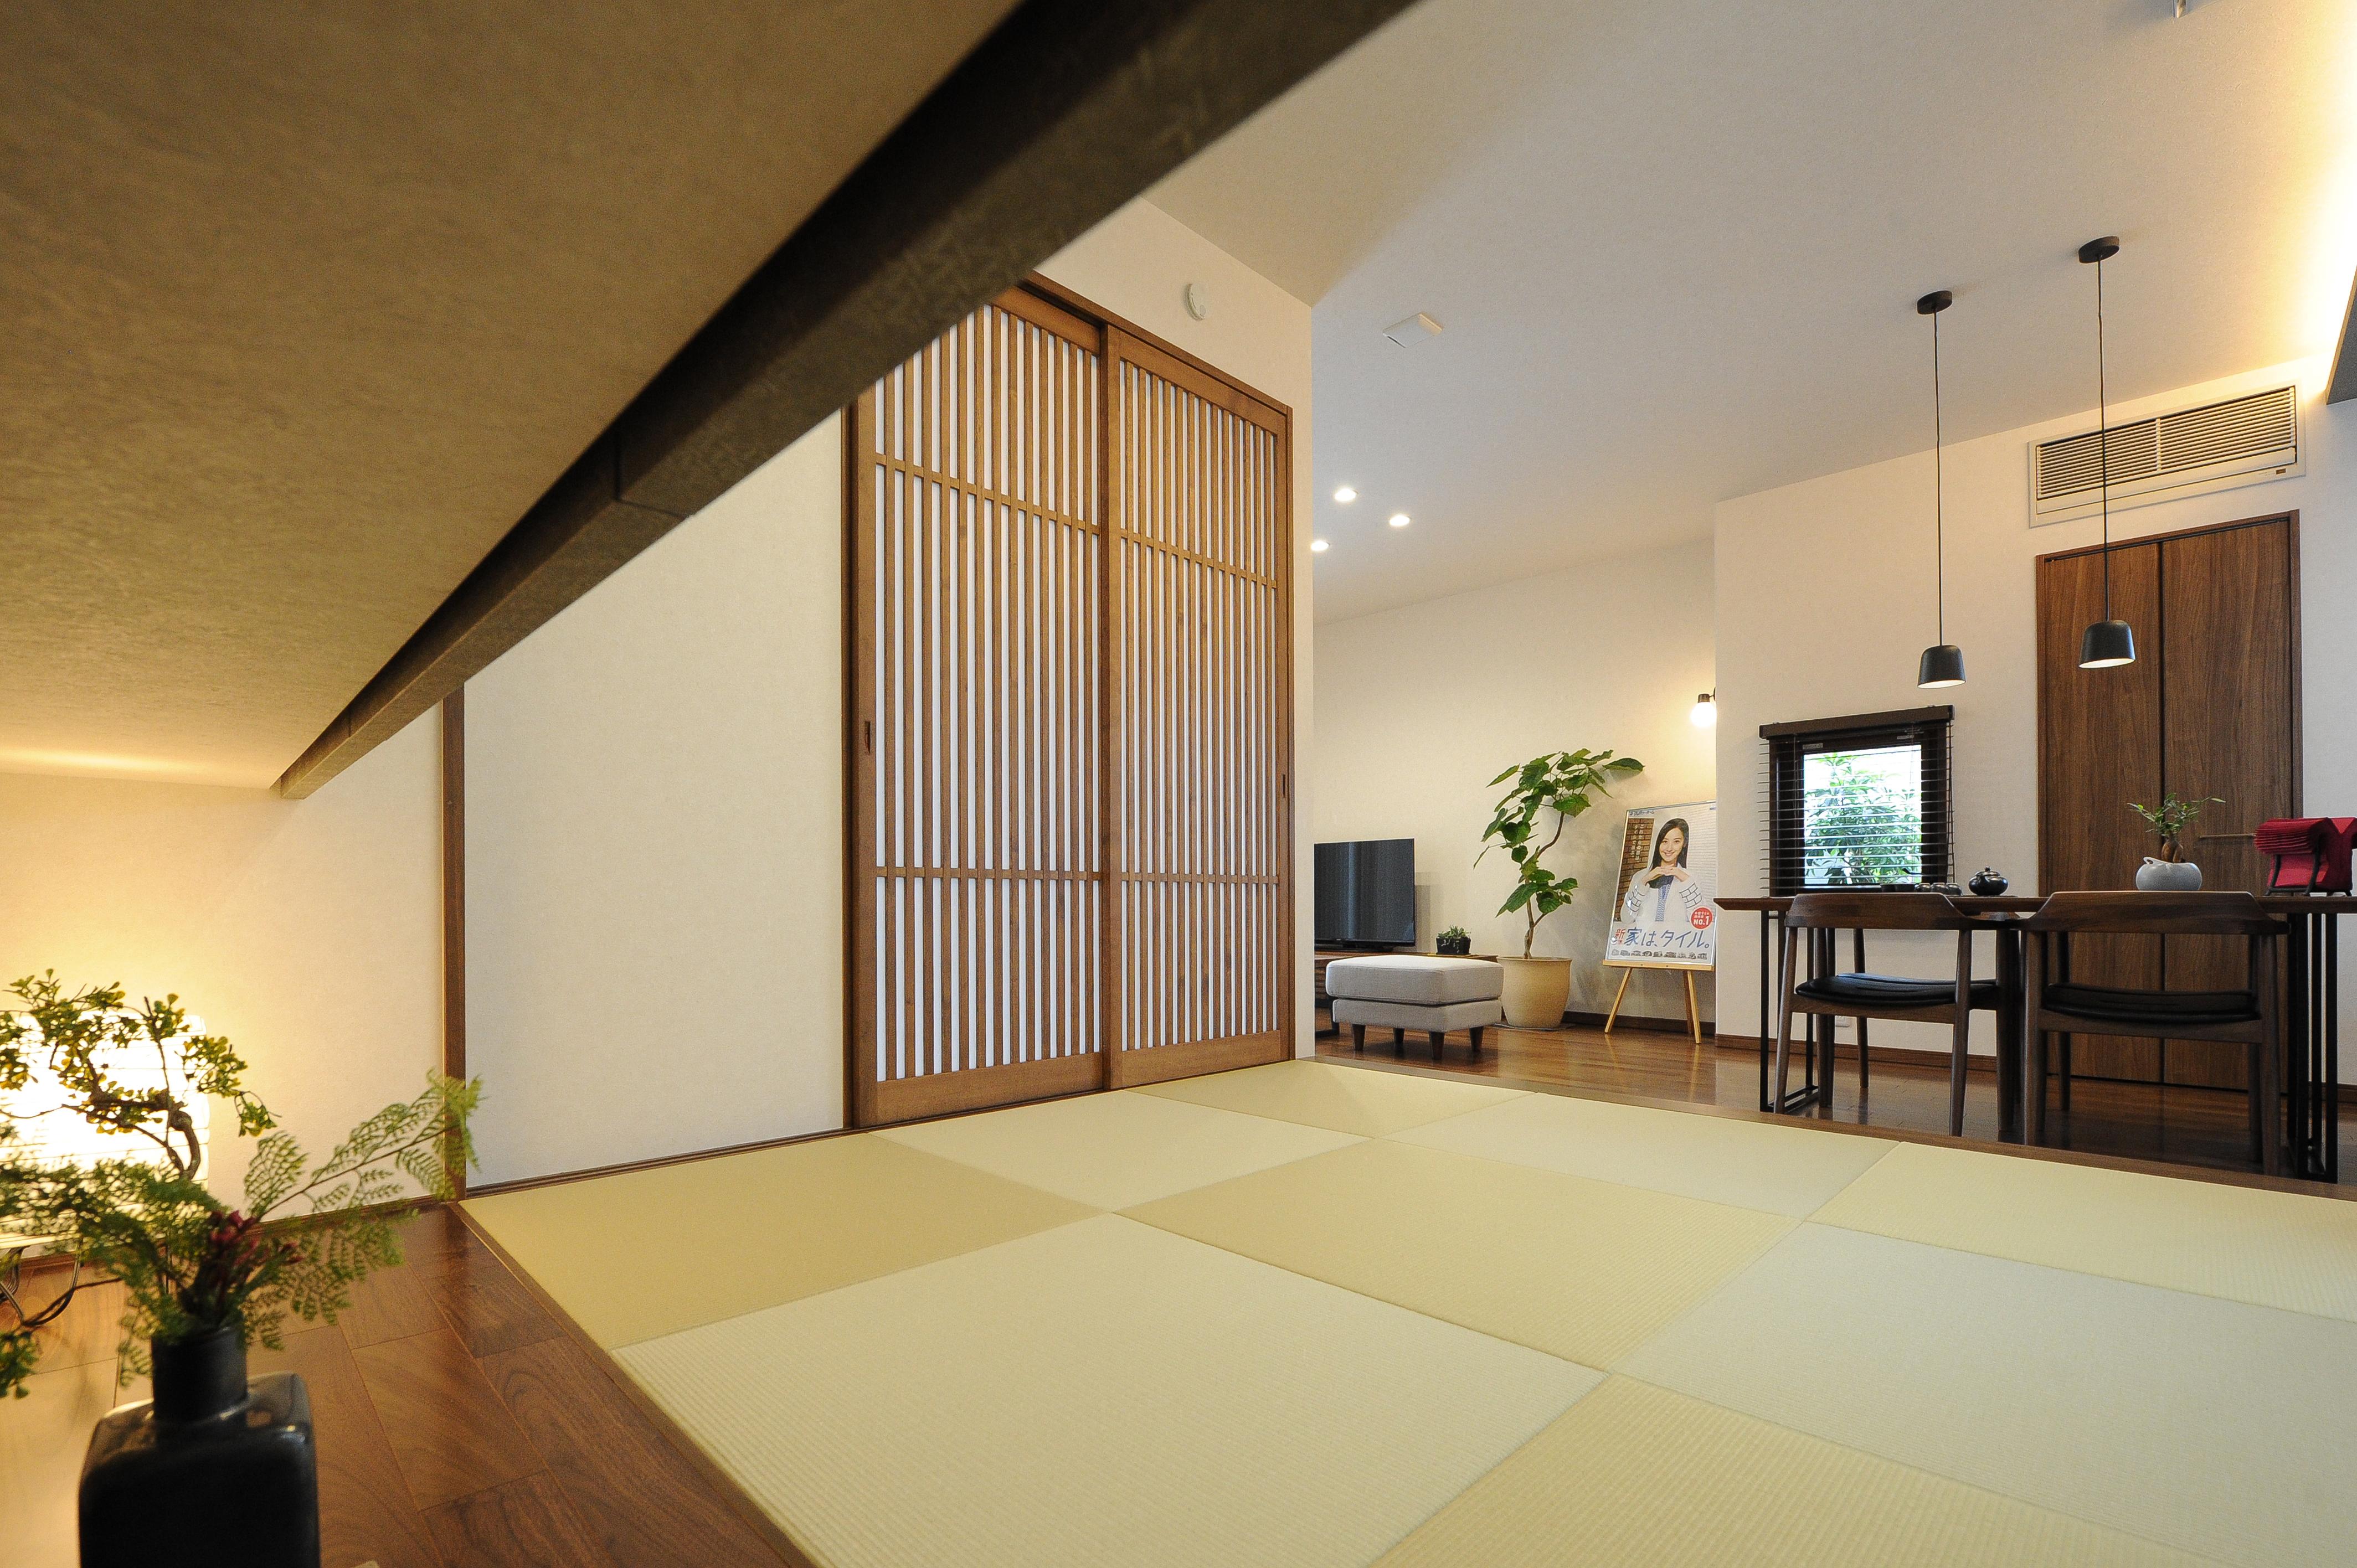 外壁タイルの住まい『外と中のつながりを演出した空間設計』~三島のモデルハウス☆